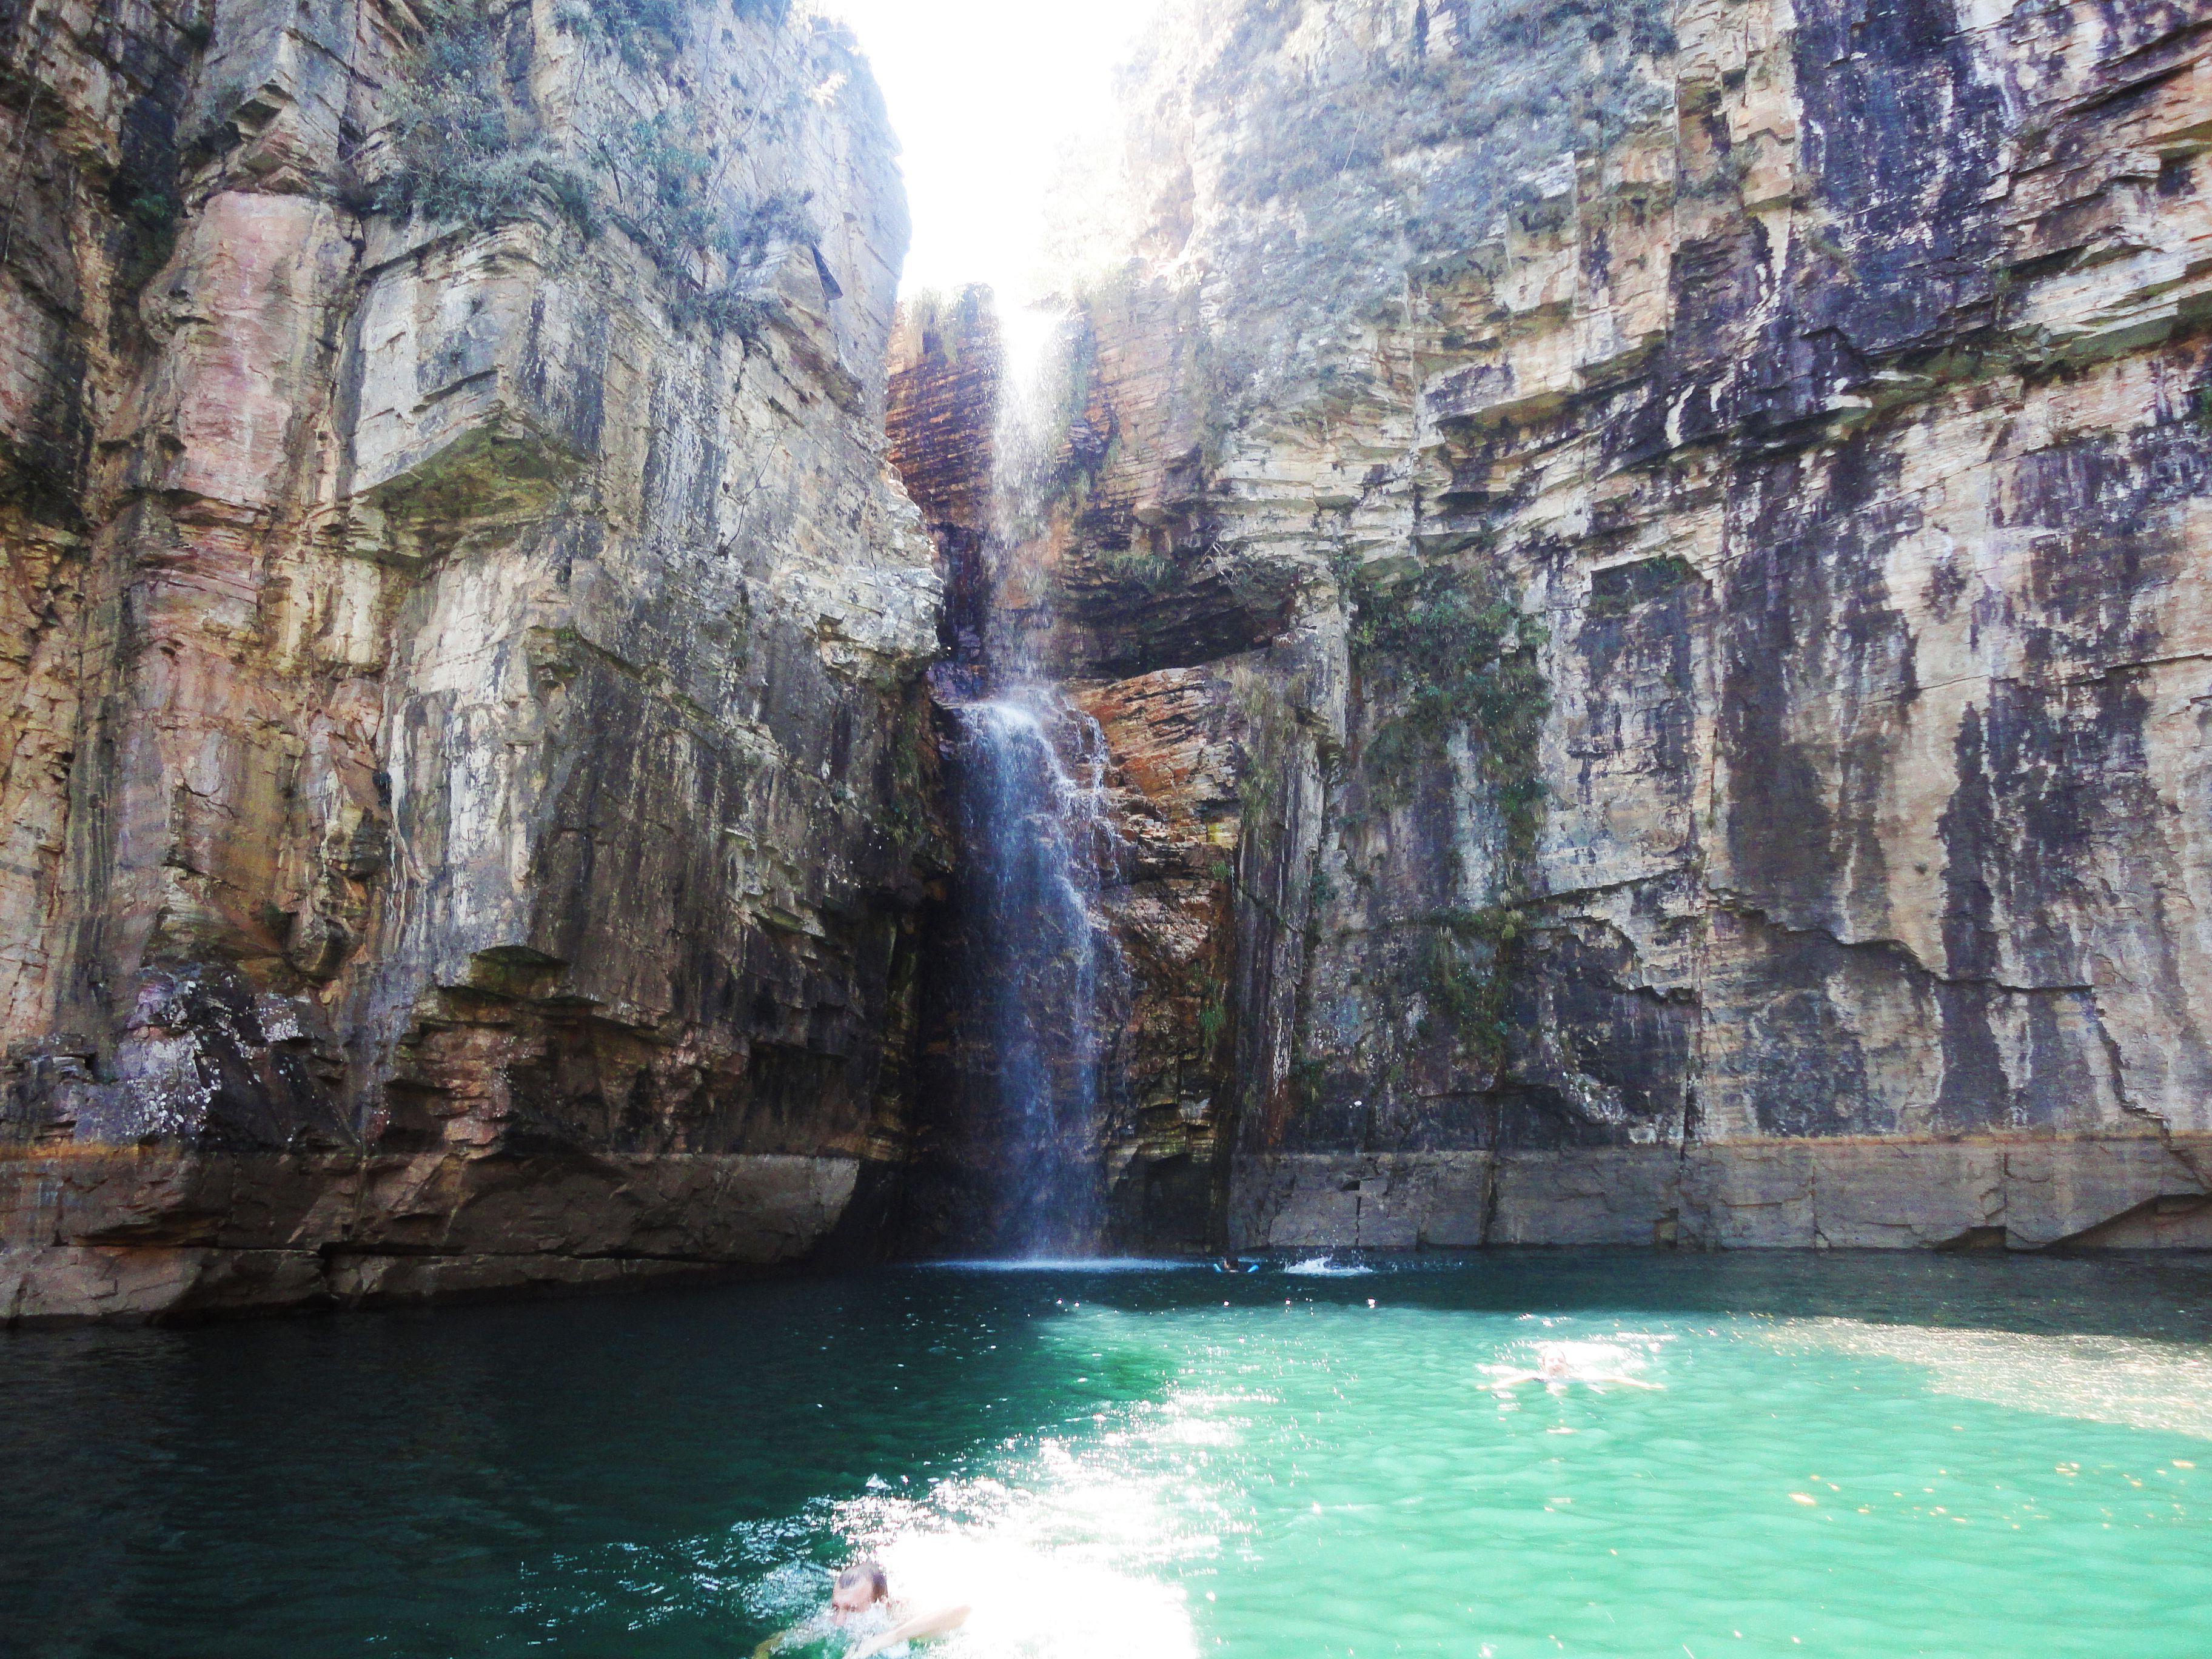 Cânion do Lago de Furnas - Capitólio - Minas Gerais | Lago de furnas, Furnas  capitolio, Lago